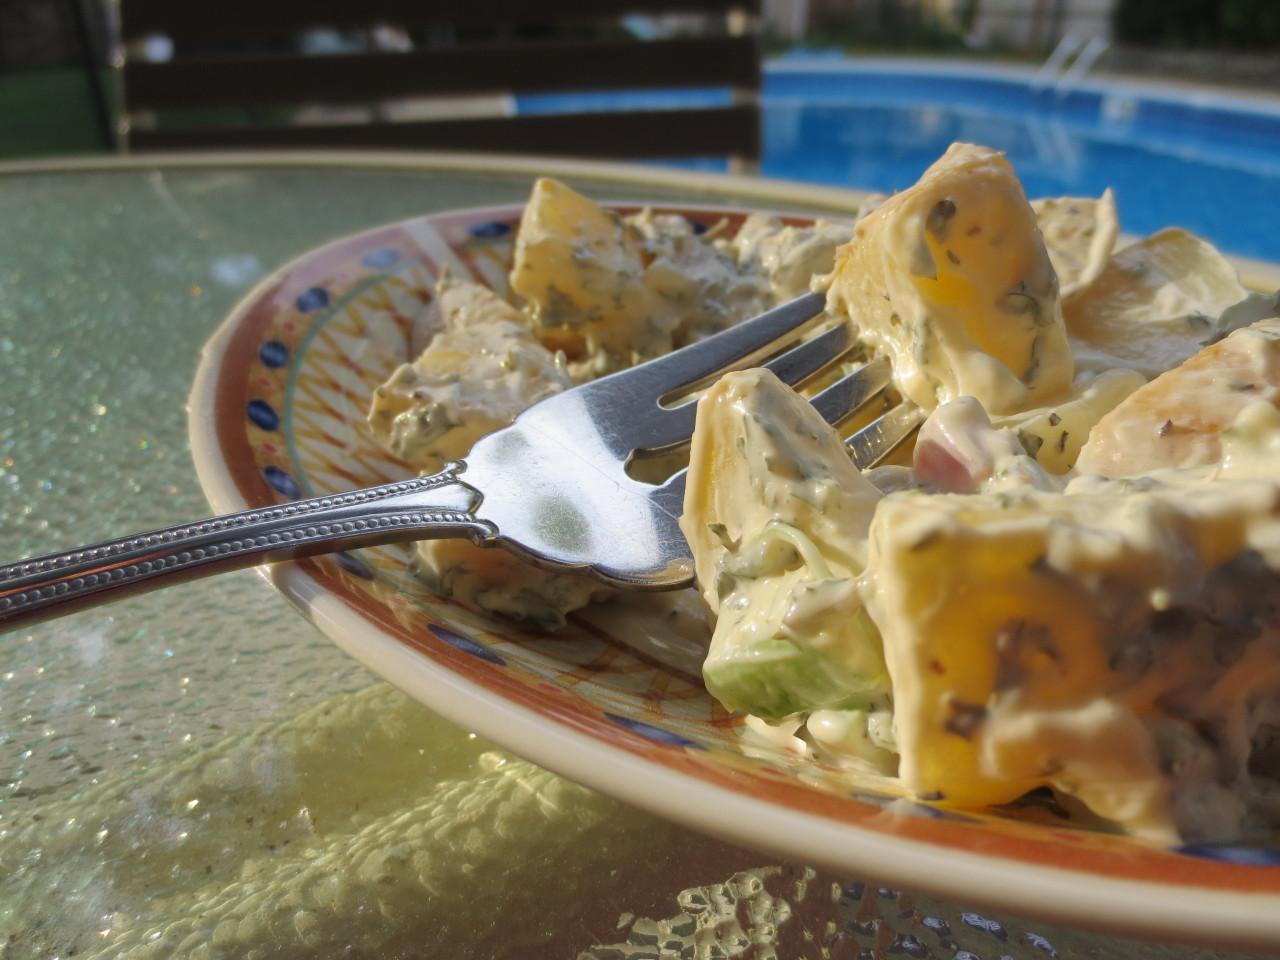 Homemade potato salad!More at keeplifesweetandsugary.tumblr.com